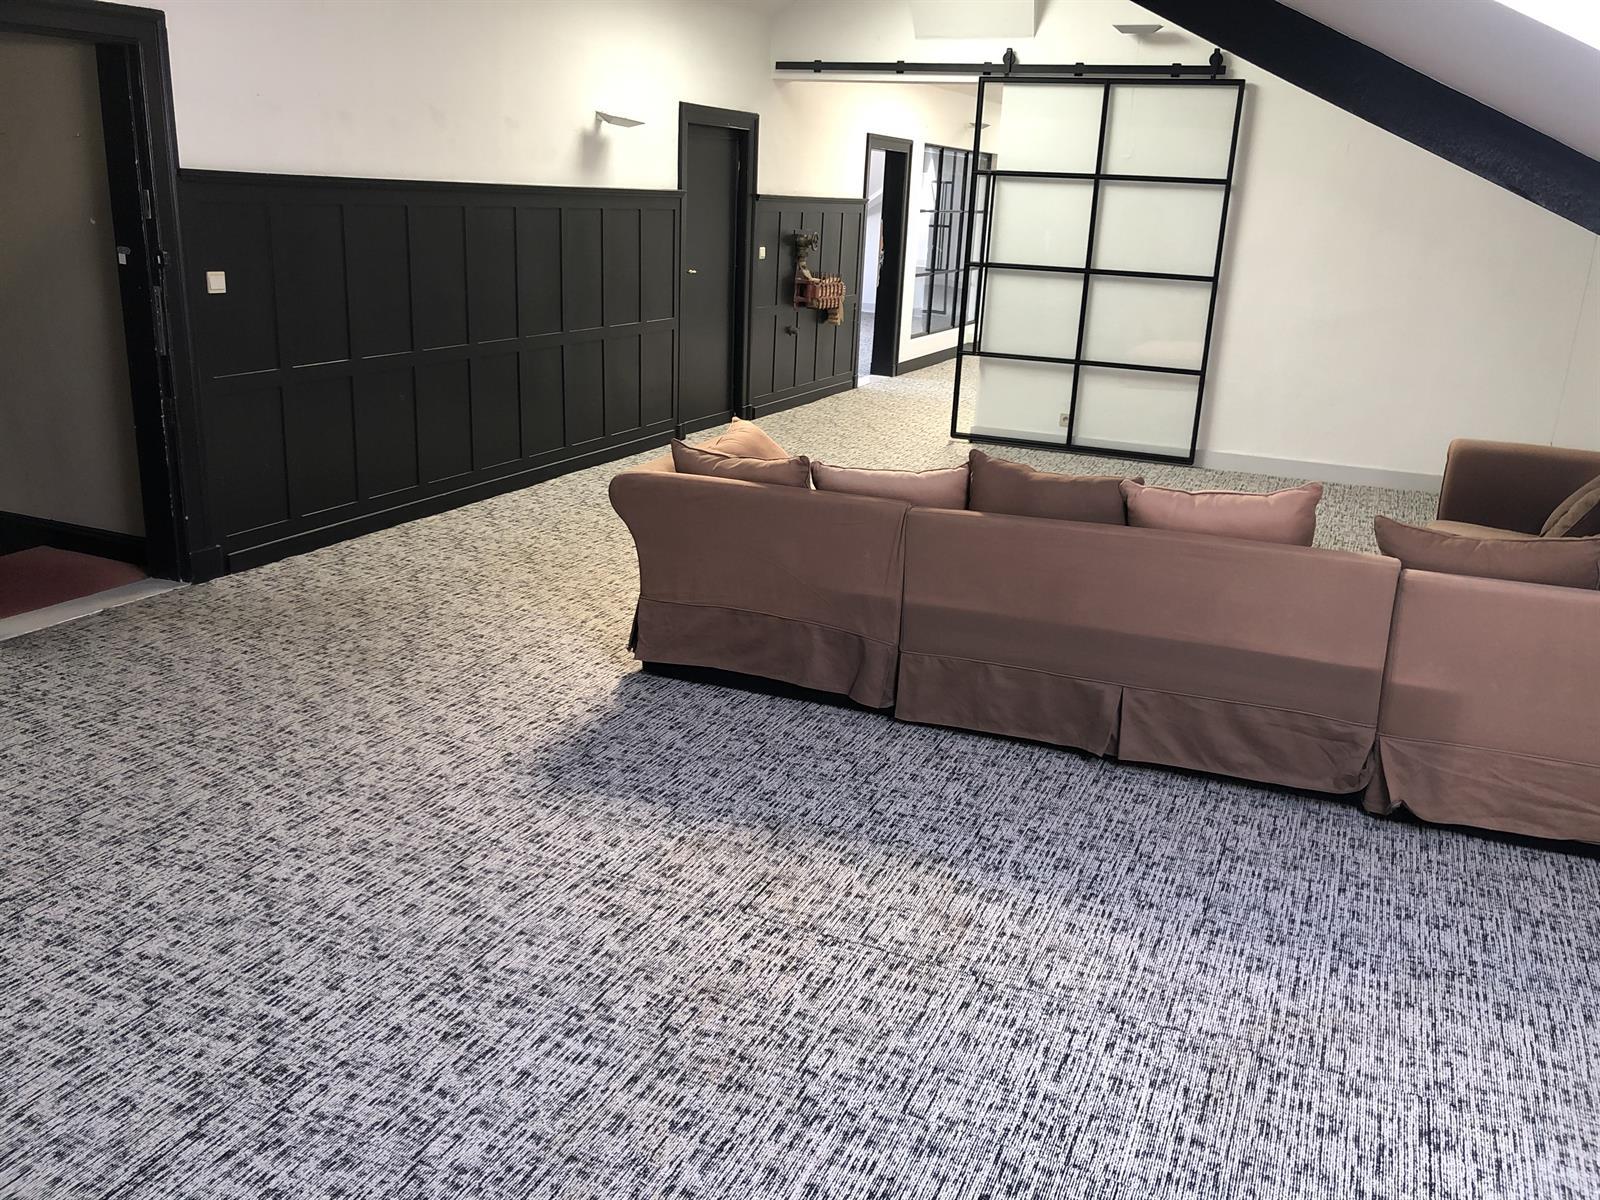 kantoor te huur Kantoorruimte in kasteel den Brandt - Beukenlaan 12, 2020 Antwerpen, België 5